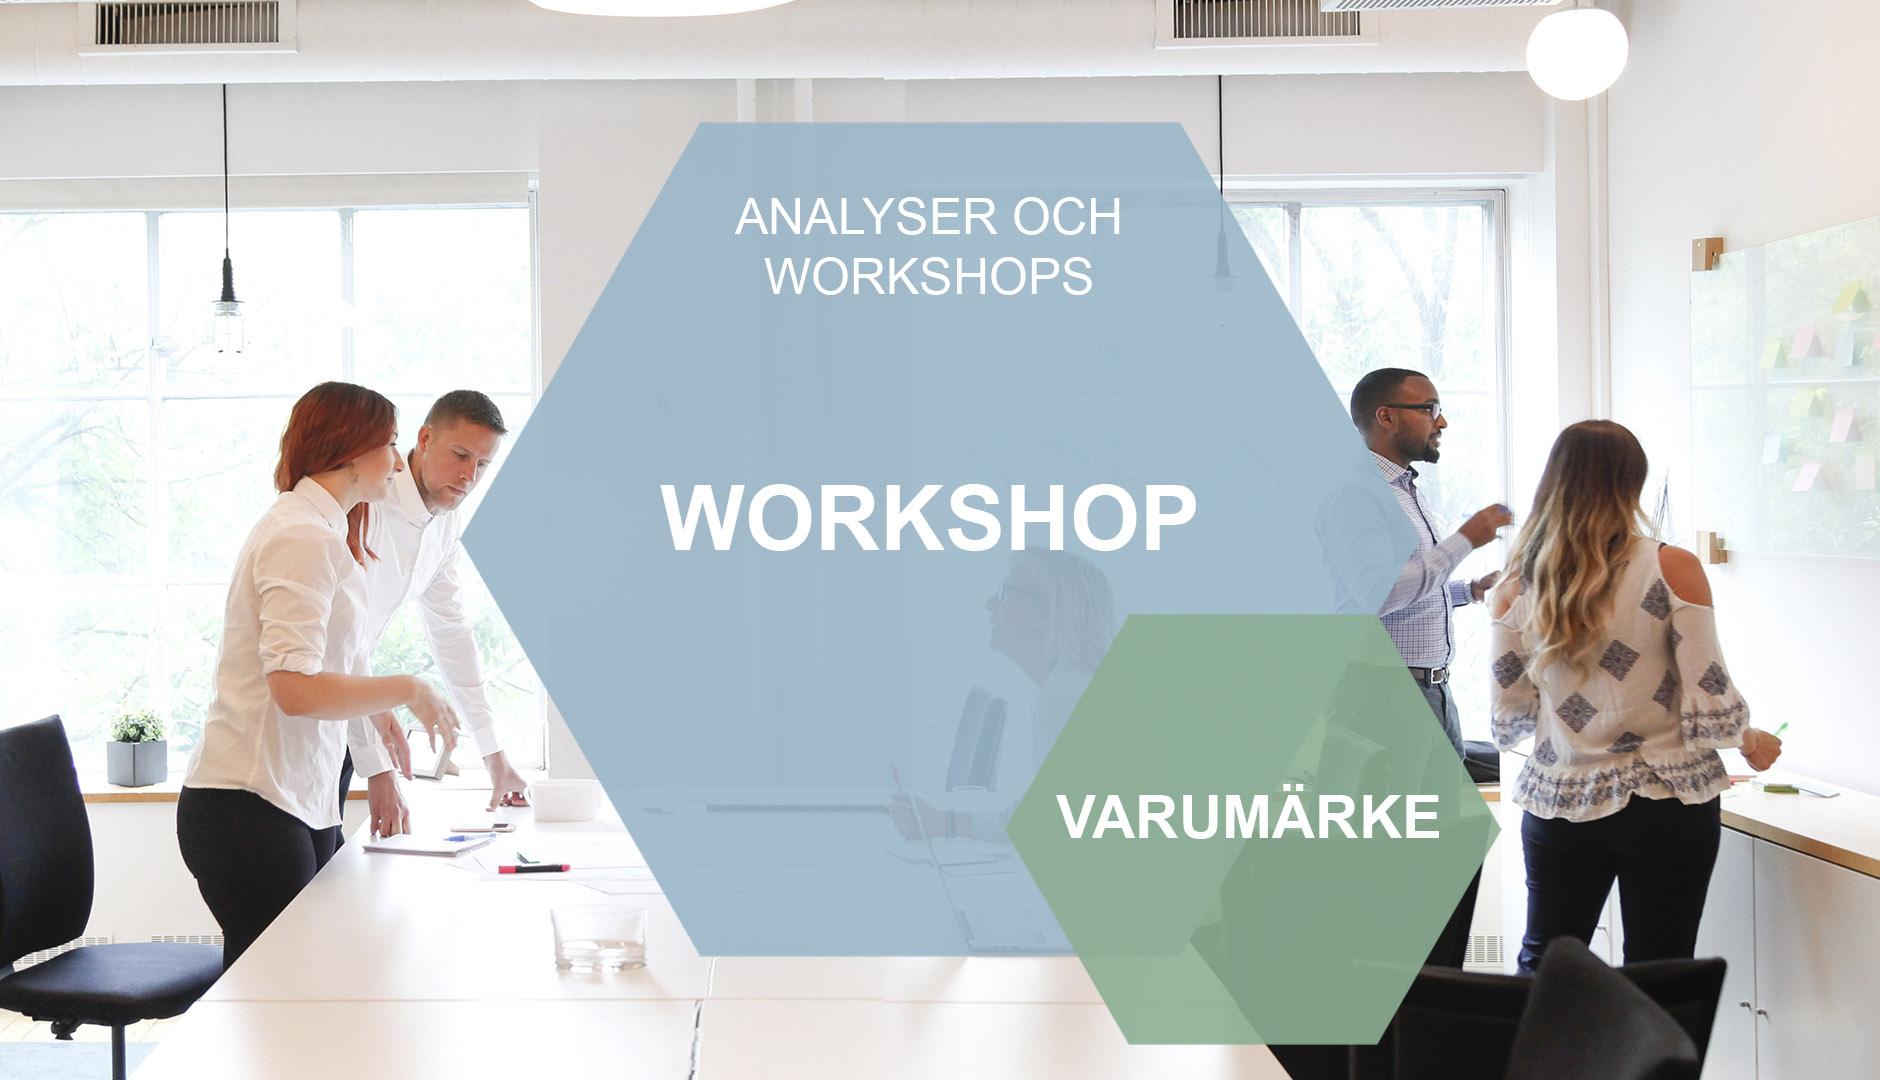 Varumärke workshop i hexagon mot bakgrund av människor som workshoppar